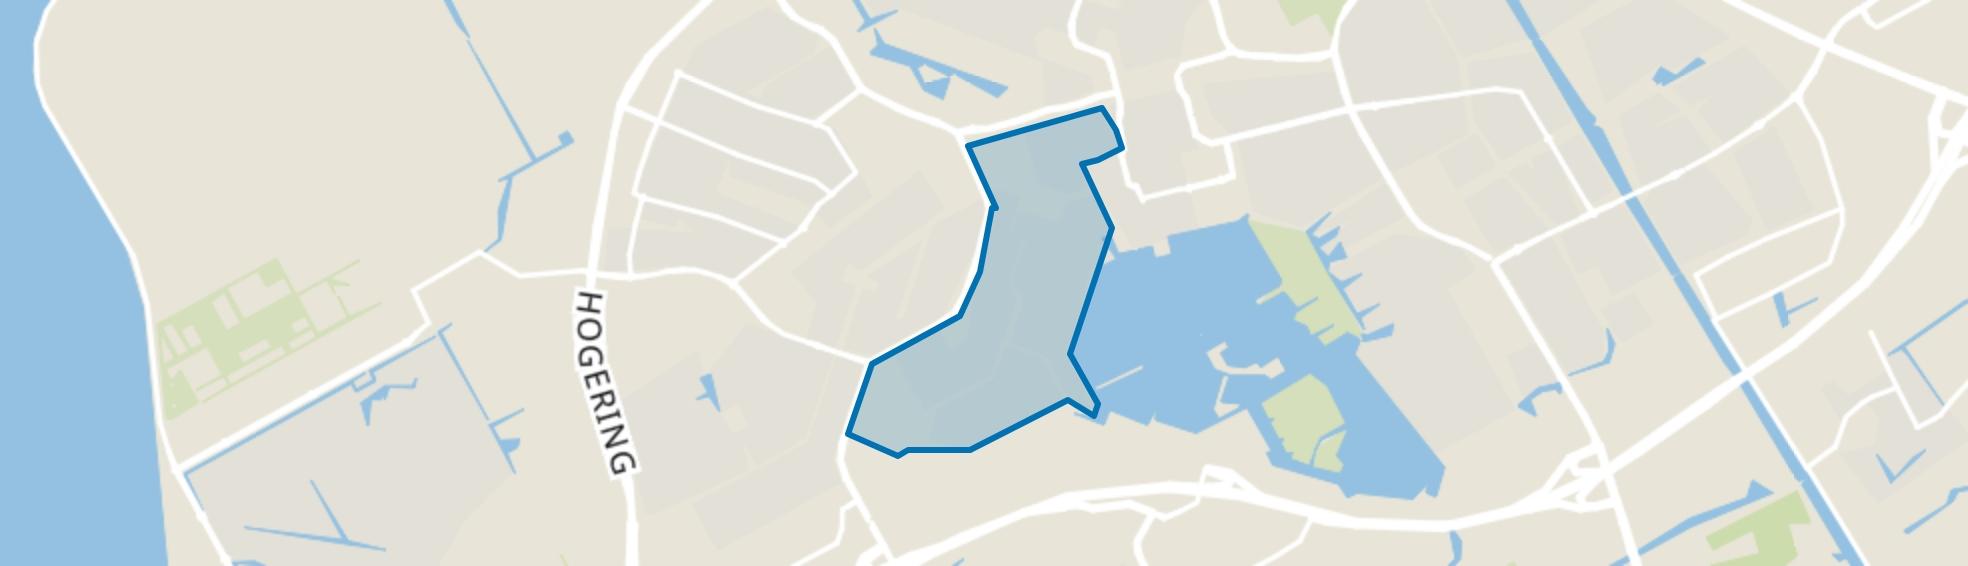 Stedenwijk, Almere map